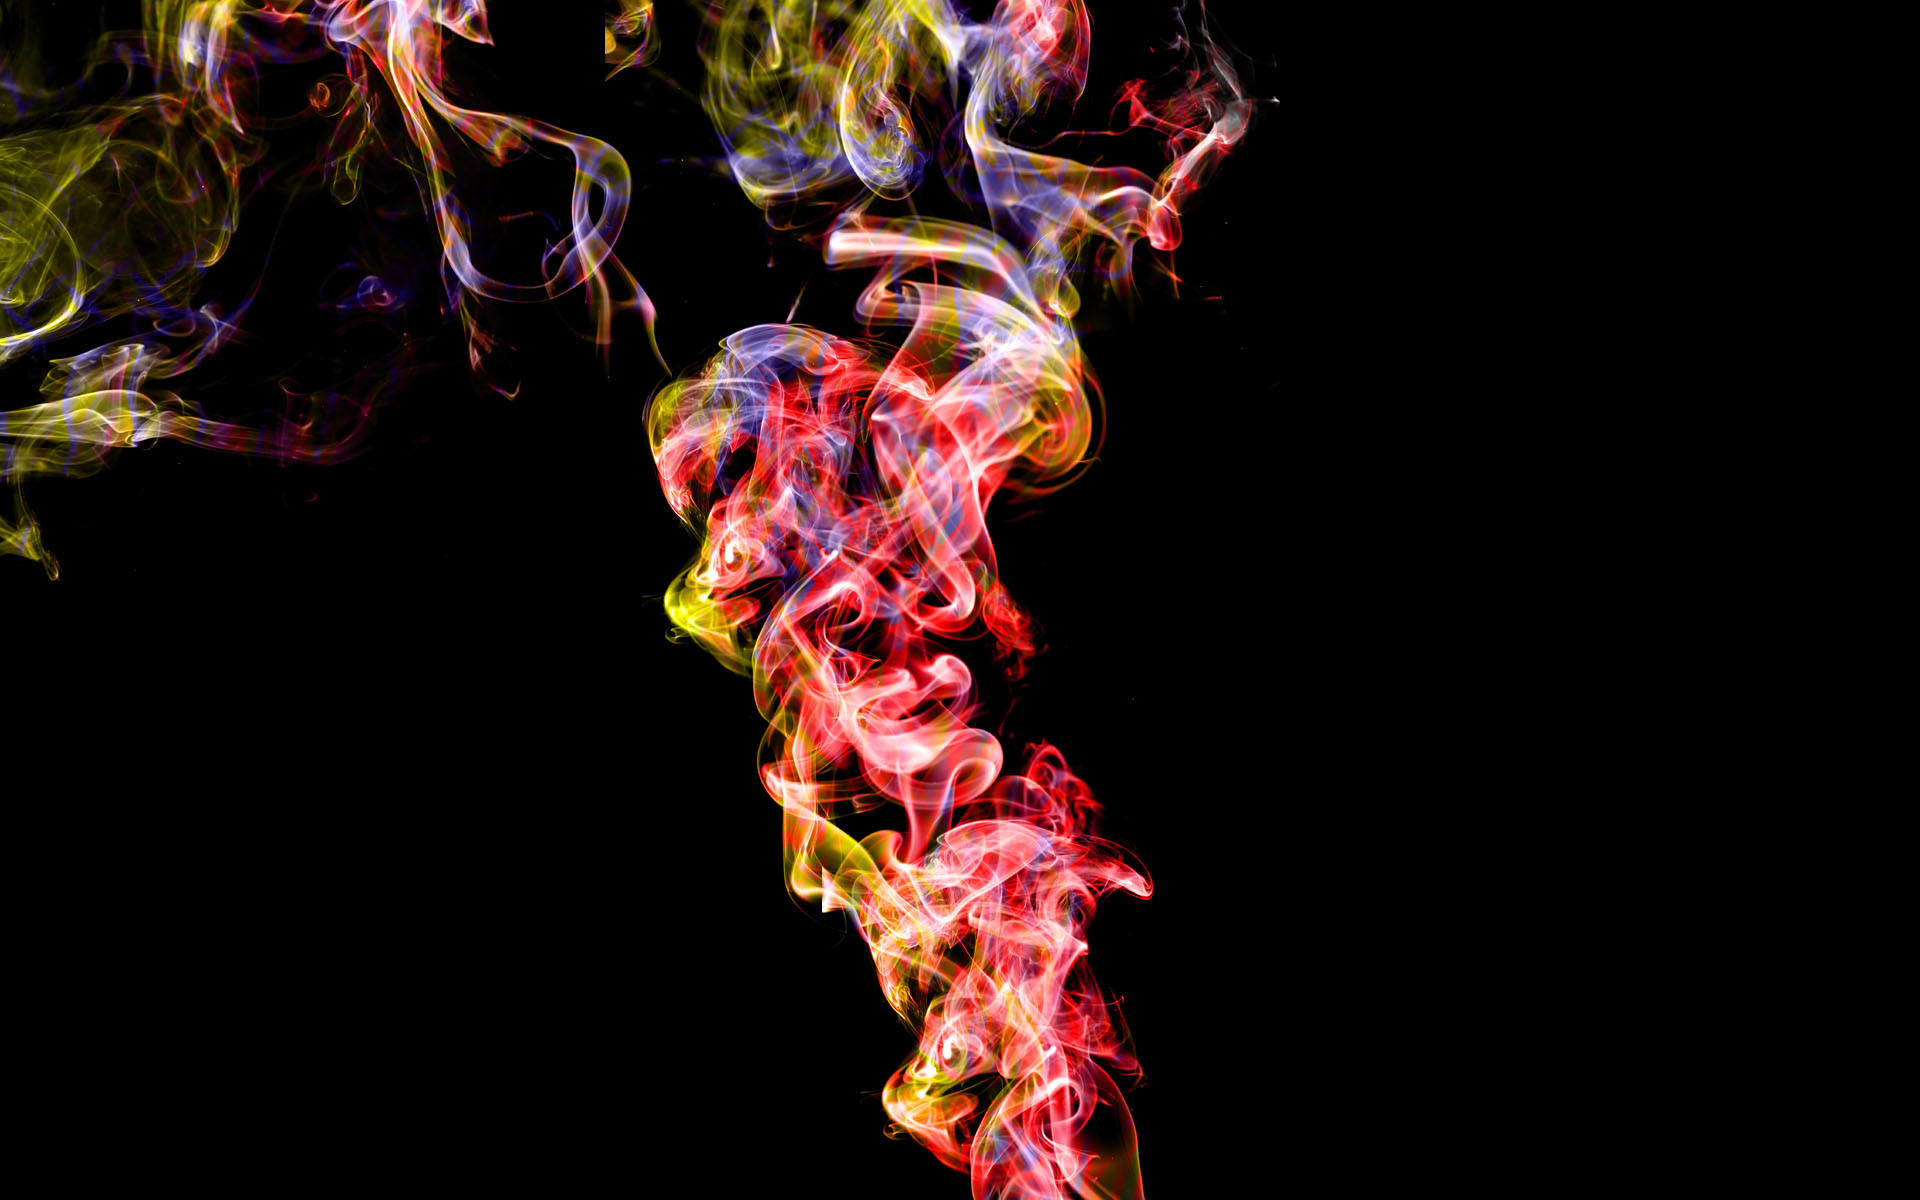 Colored Smoke Wallpaper by KaleidoscopeEyez on DeviantArt